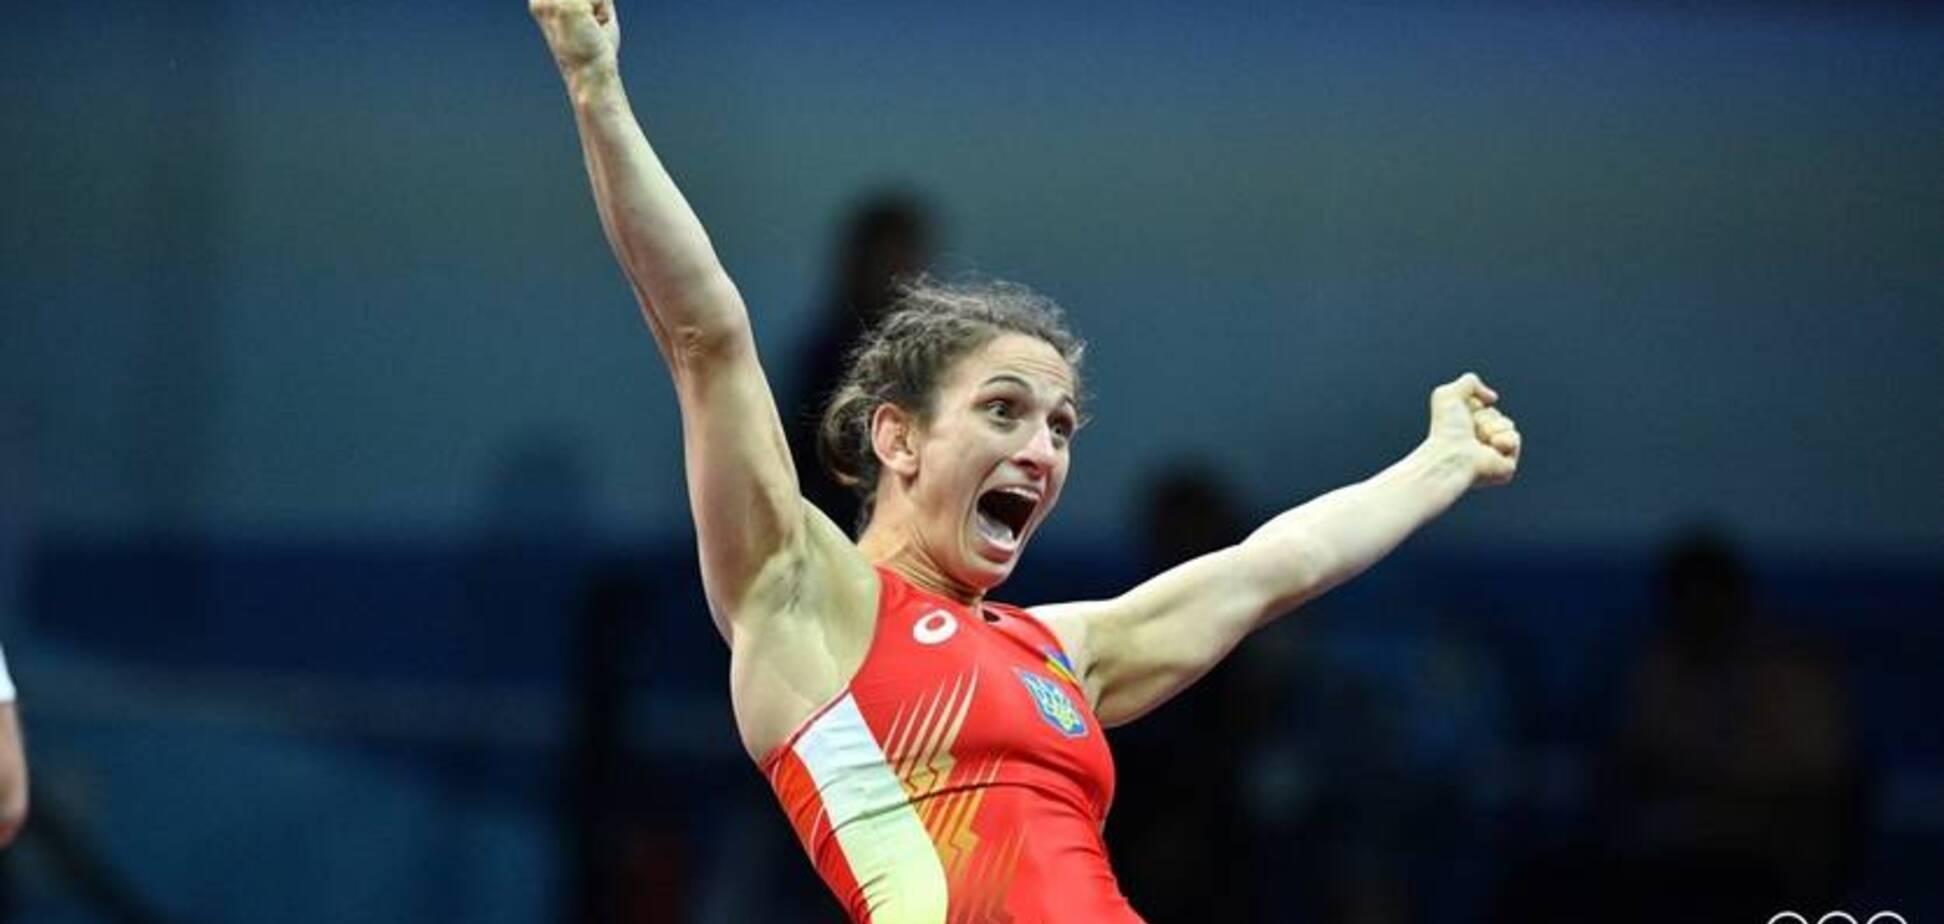 Українка феєрично здолала росіянку і стала 3-разовою чемпіонкою Європи з боротьби